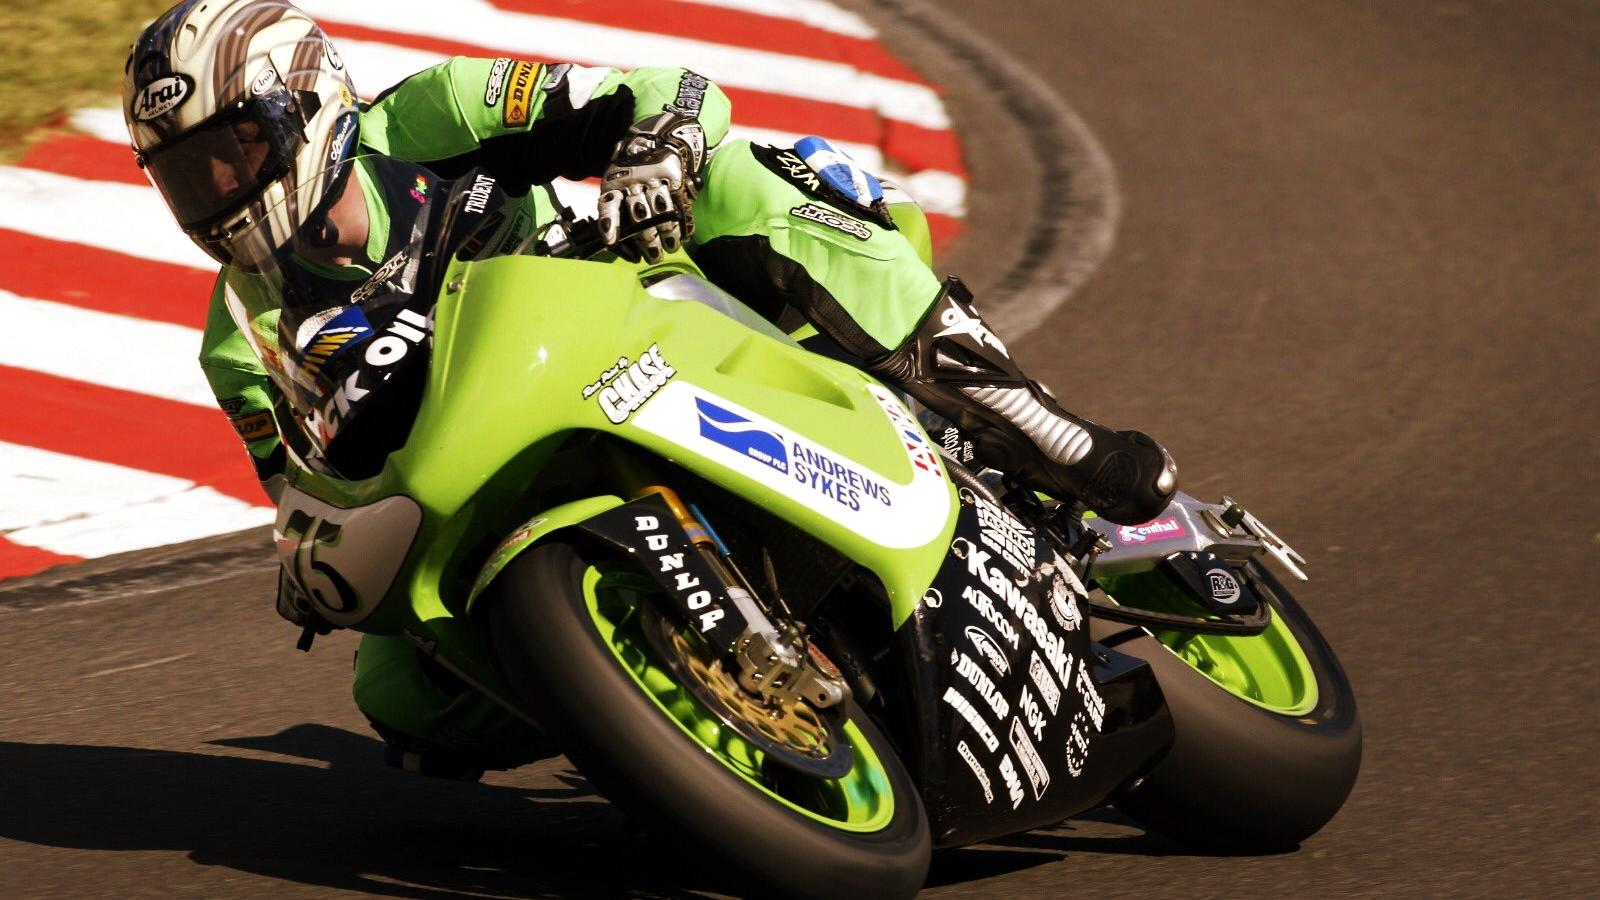 John McGuinness ficha por el Bournemouth Kawasaki para la NW200 y el TT de Isla de Man 2020